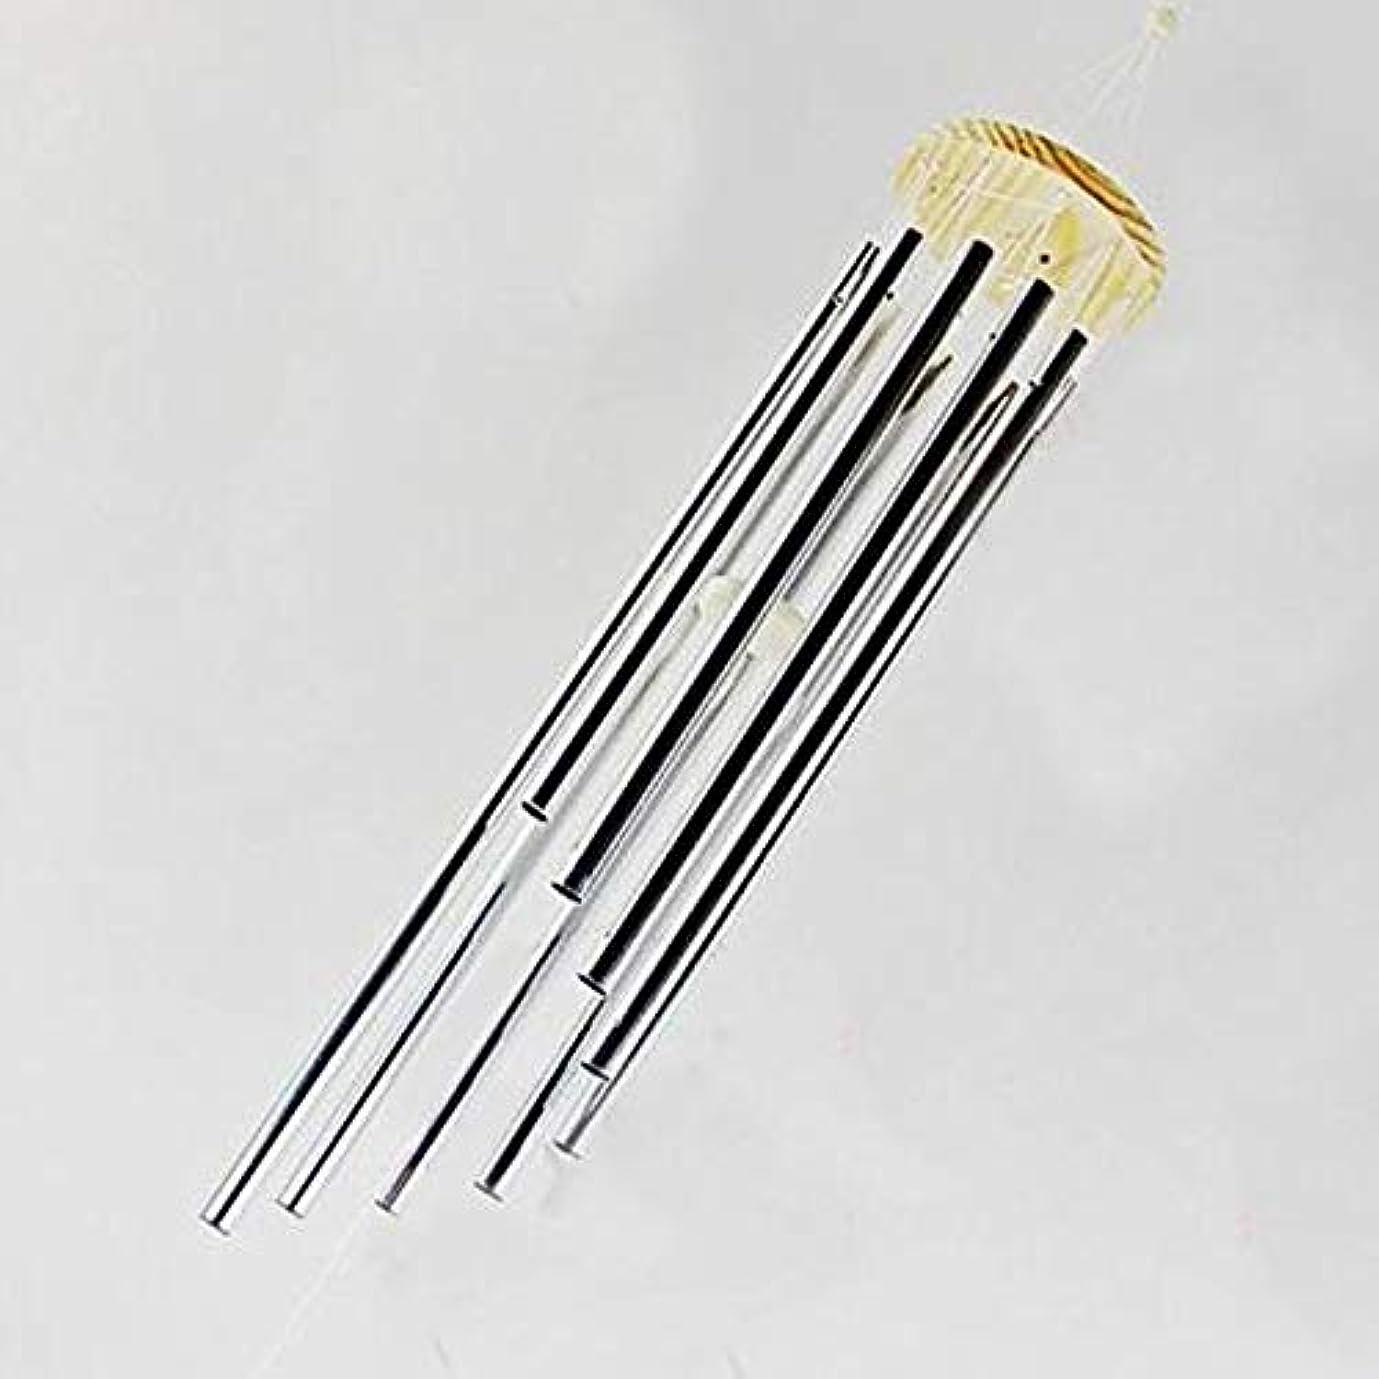 検閲ペルセウス比喩Yougou01 風チャイム、メタル風チャイム9本のチューブ、シルバー、90CMについて全身をハンギング 、創造的な装飾